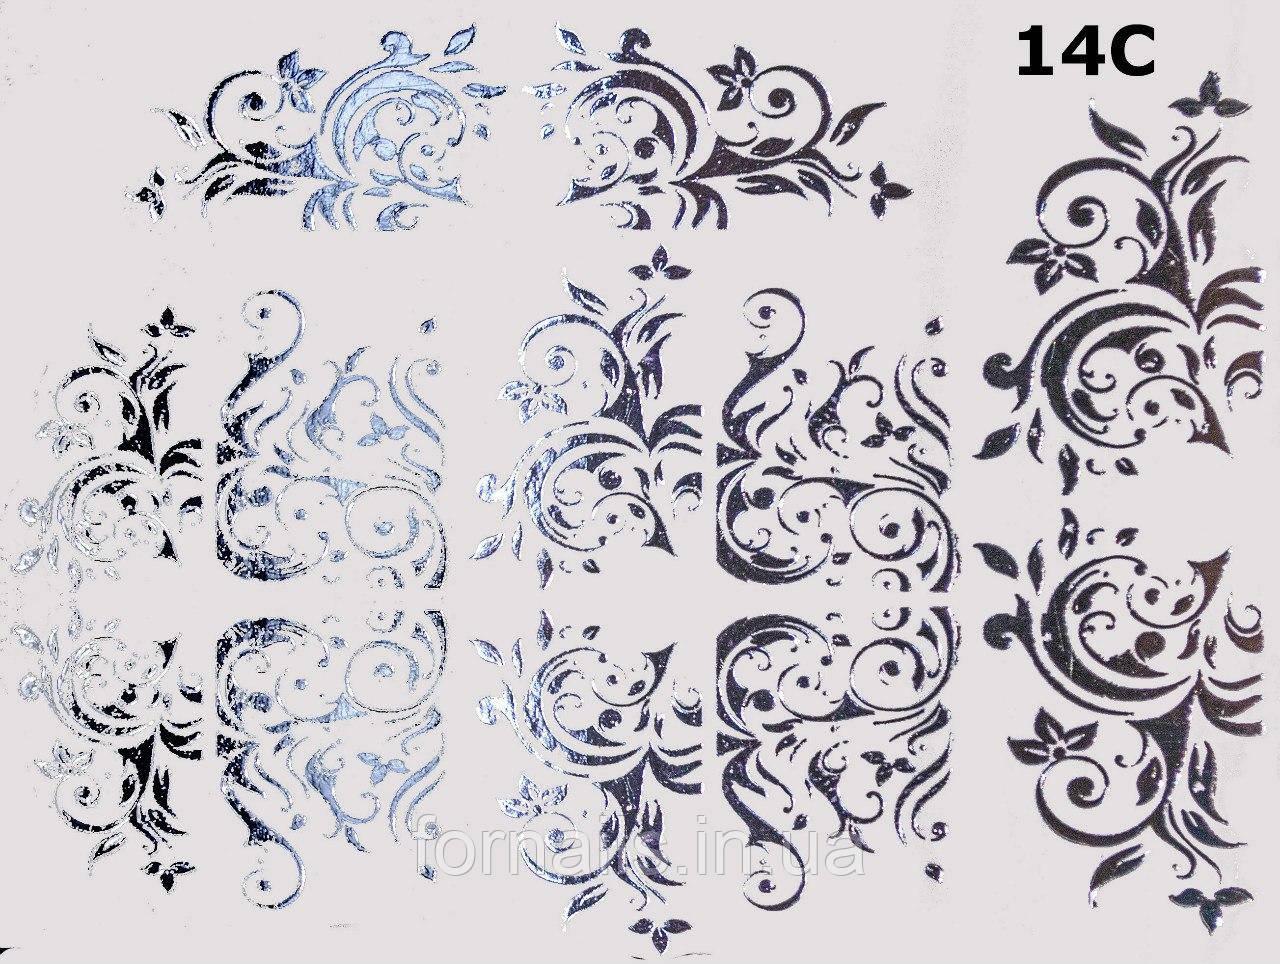 Фольгированный слайдер №14С